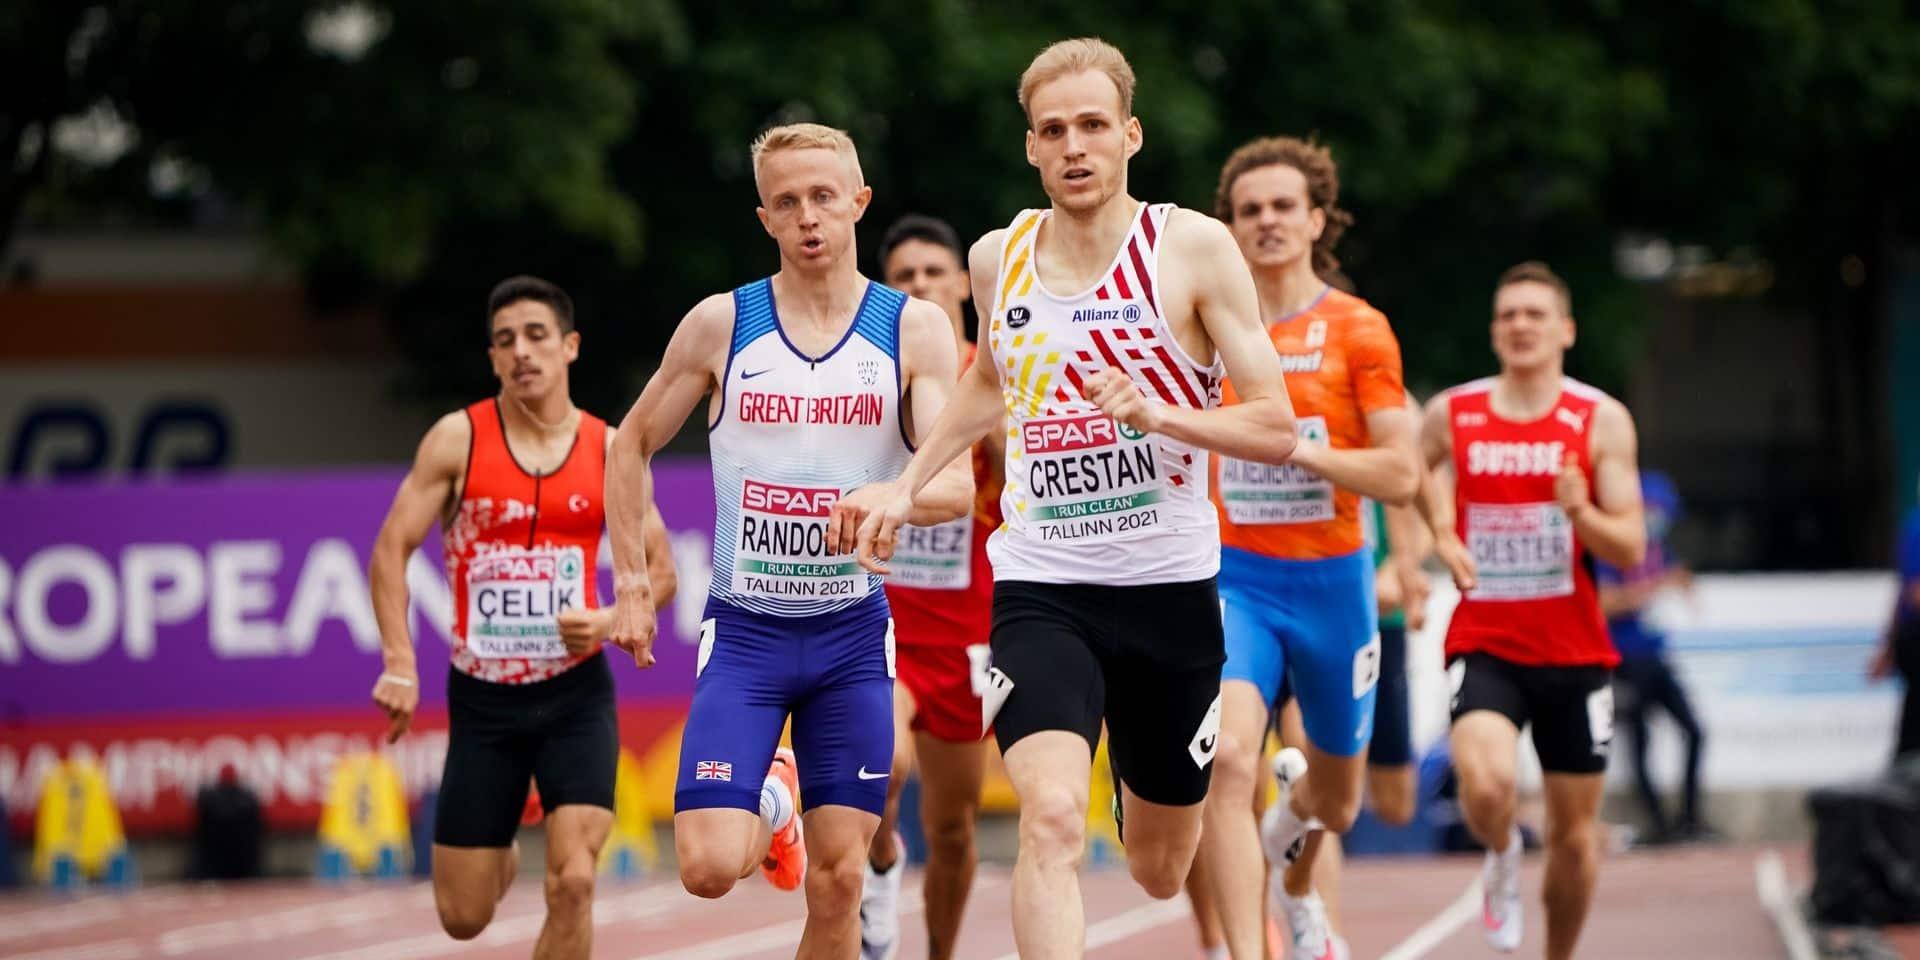 Euro espoirs : Eliott Crestan offre une cinquième médaille, en argent, à la Belgique !